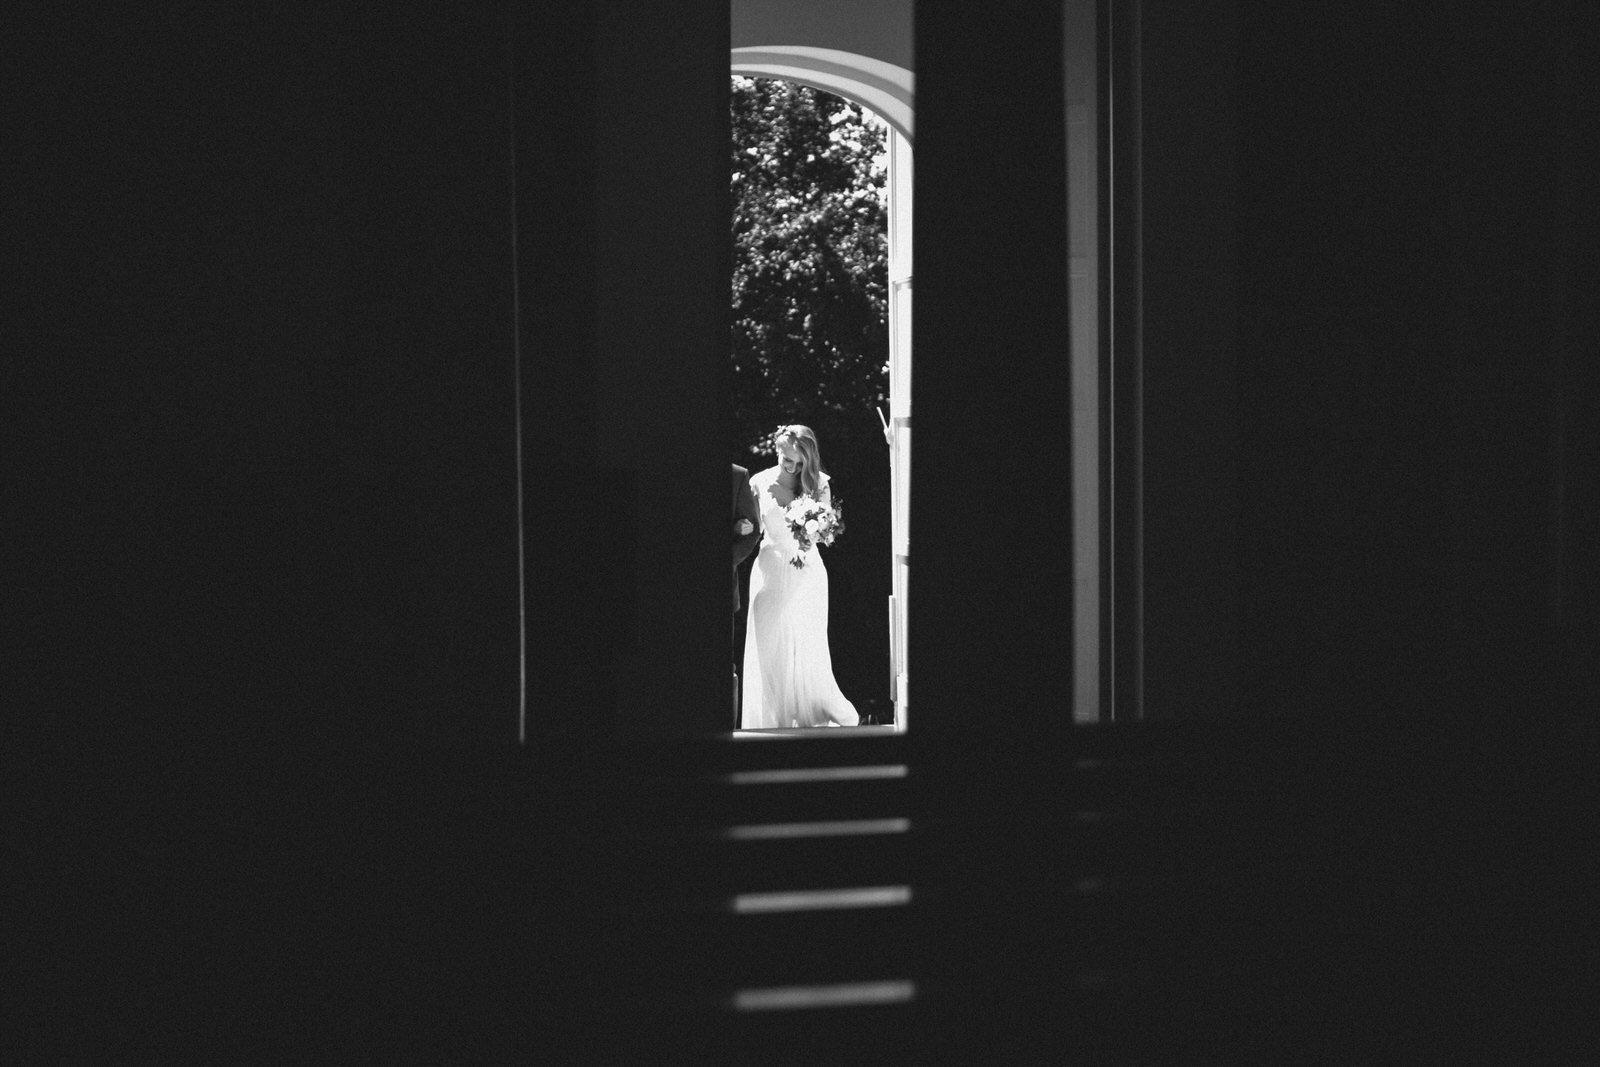 Hochzeitsfotograf-heidelberg.jpg